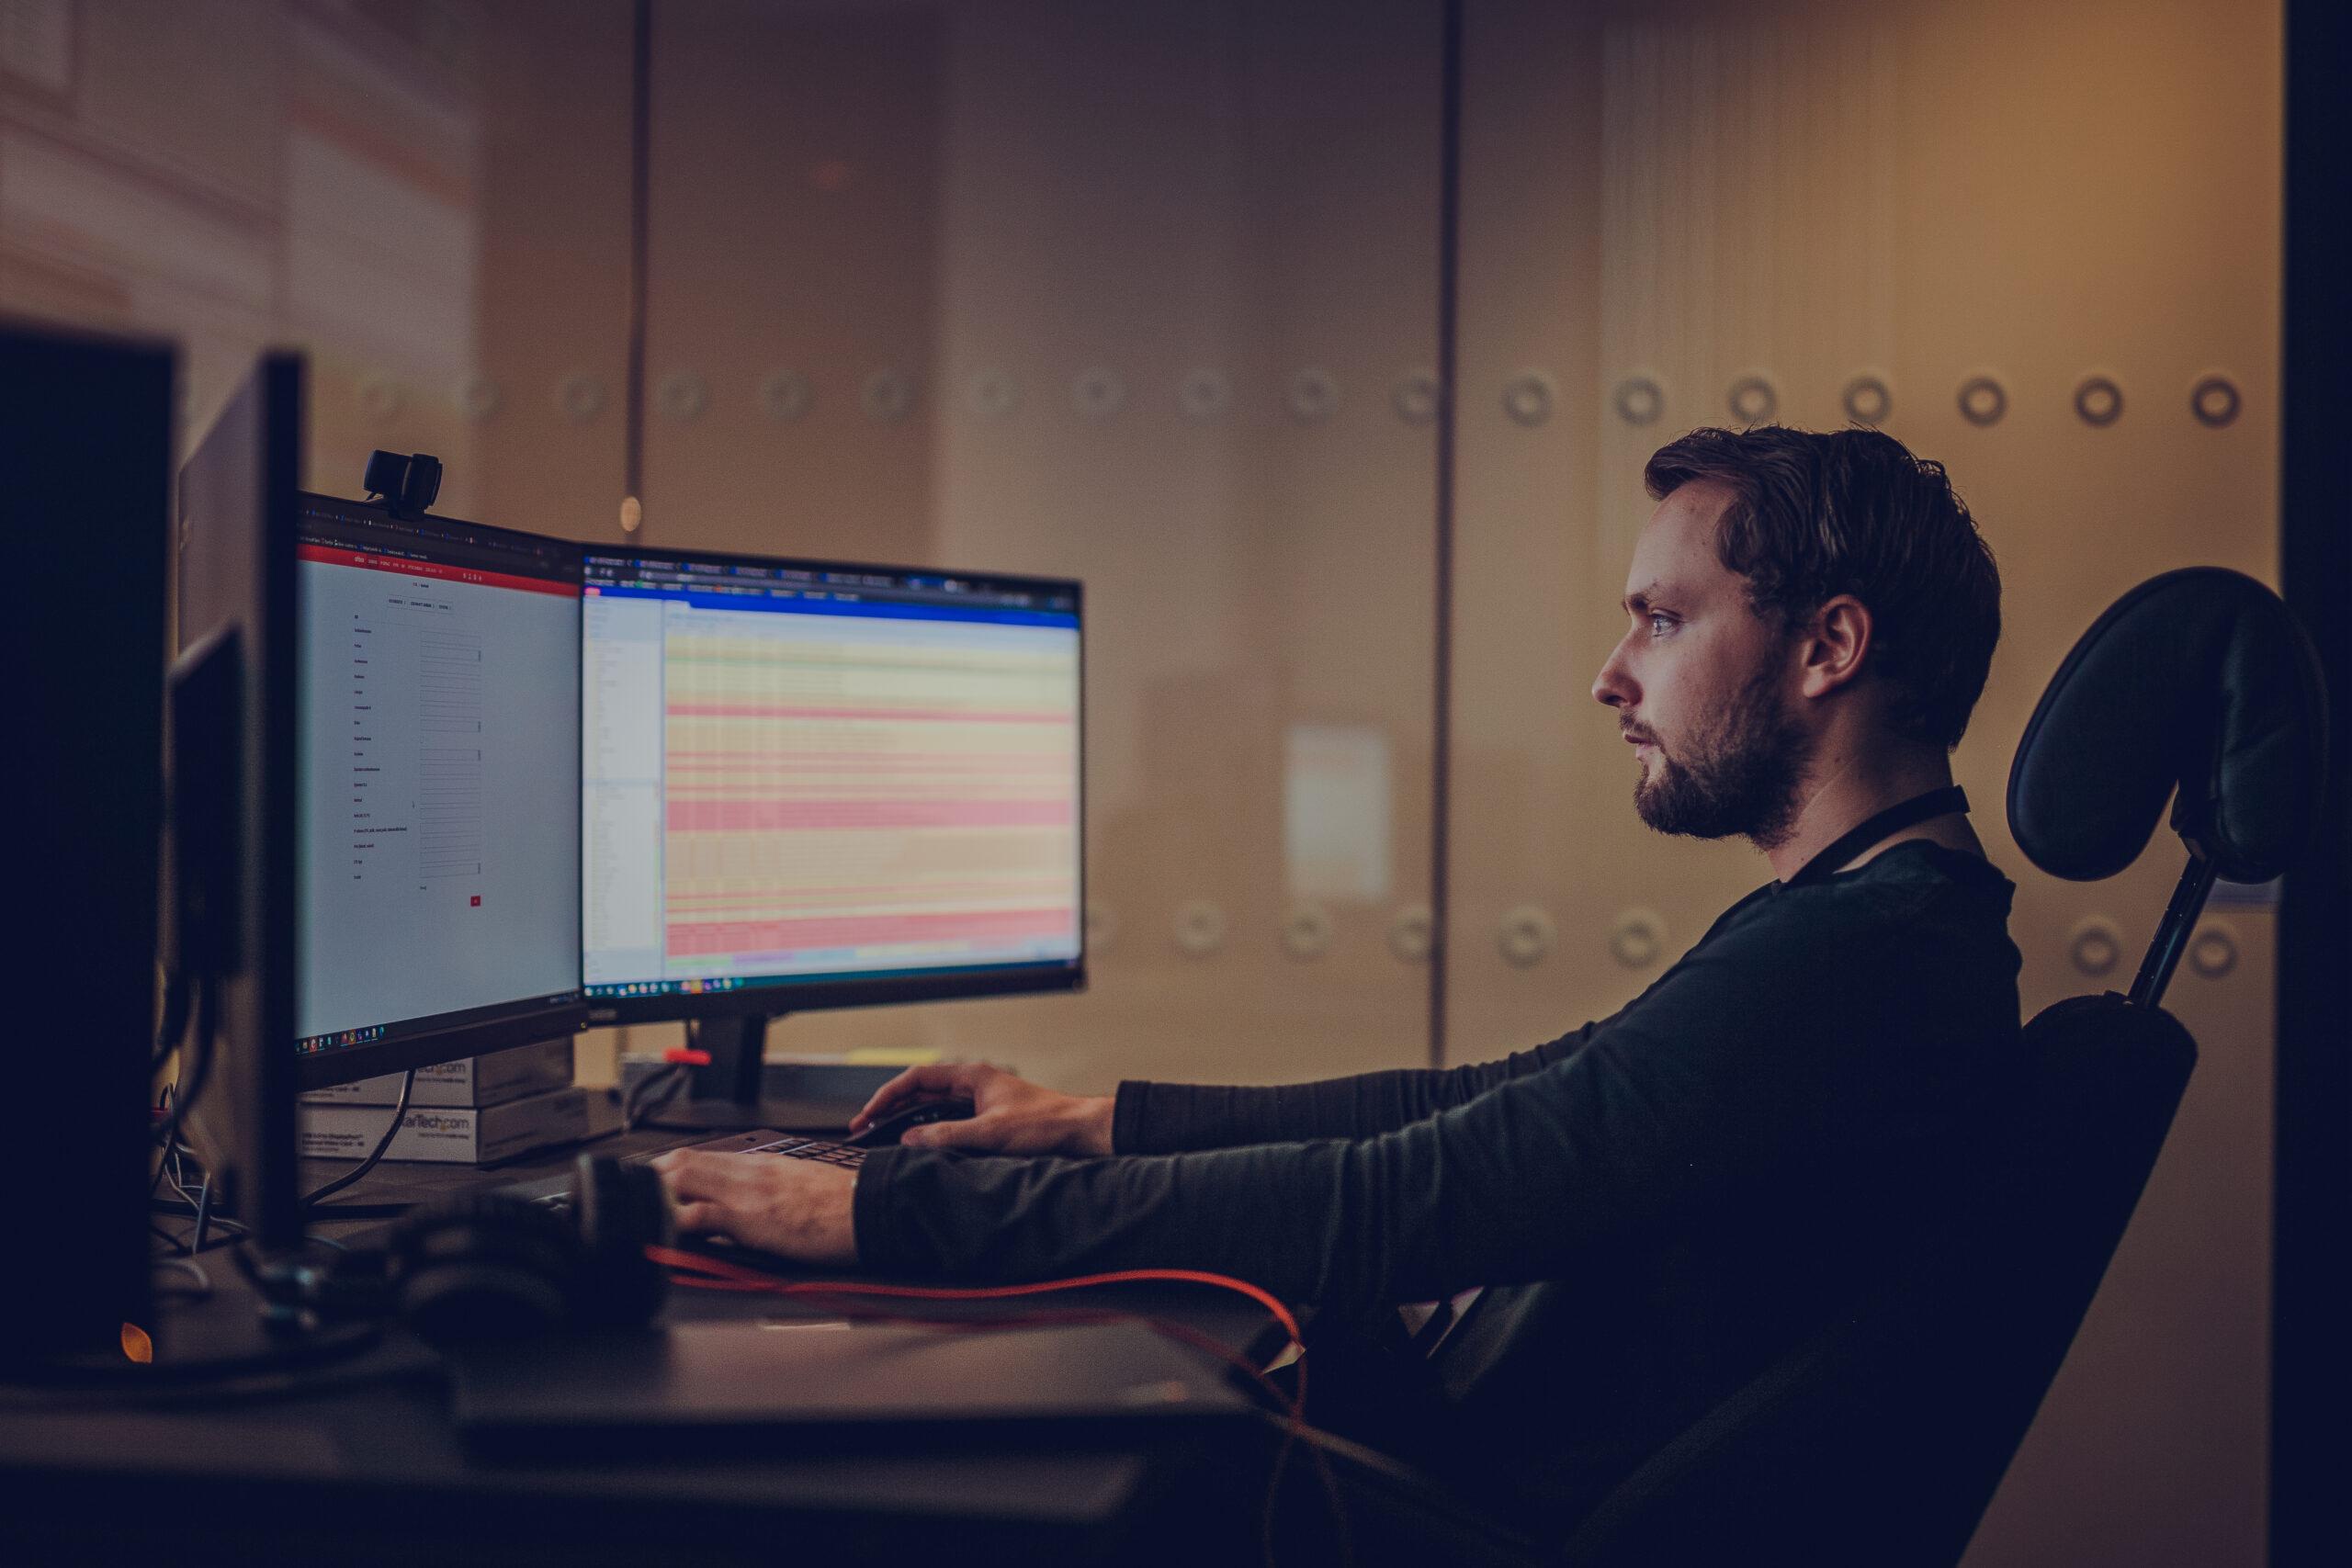 Nettovervåker Stian Hagen Tofte overvåker nettet til Altibox i Norge